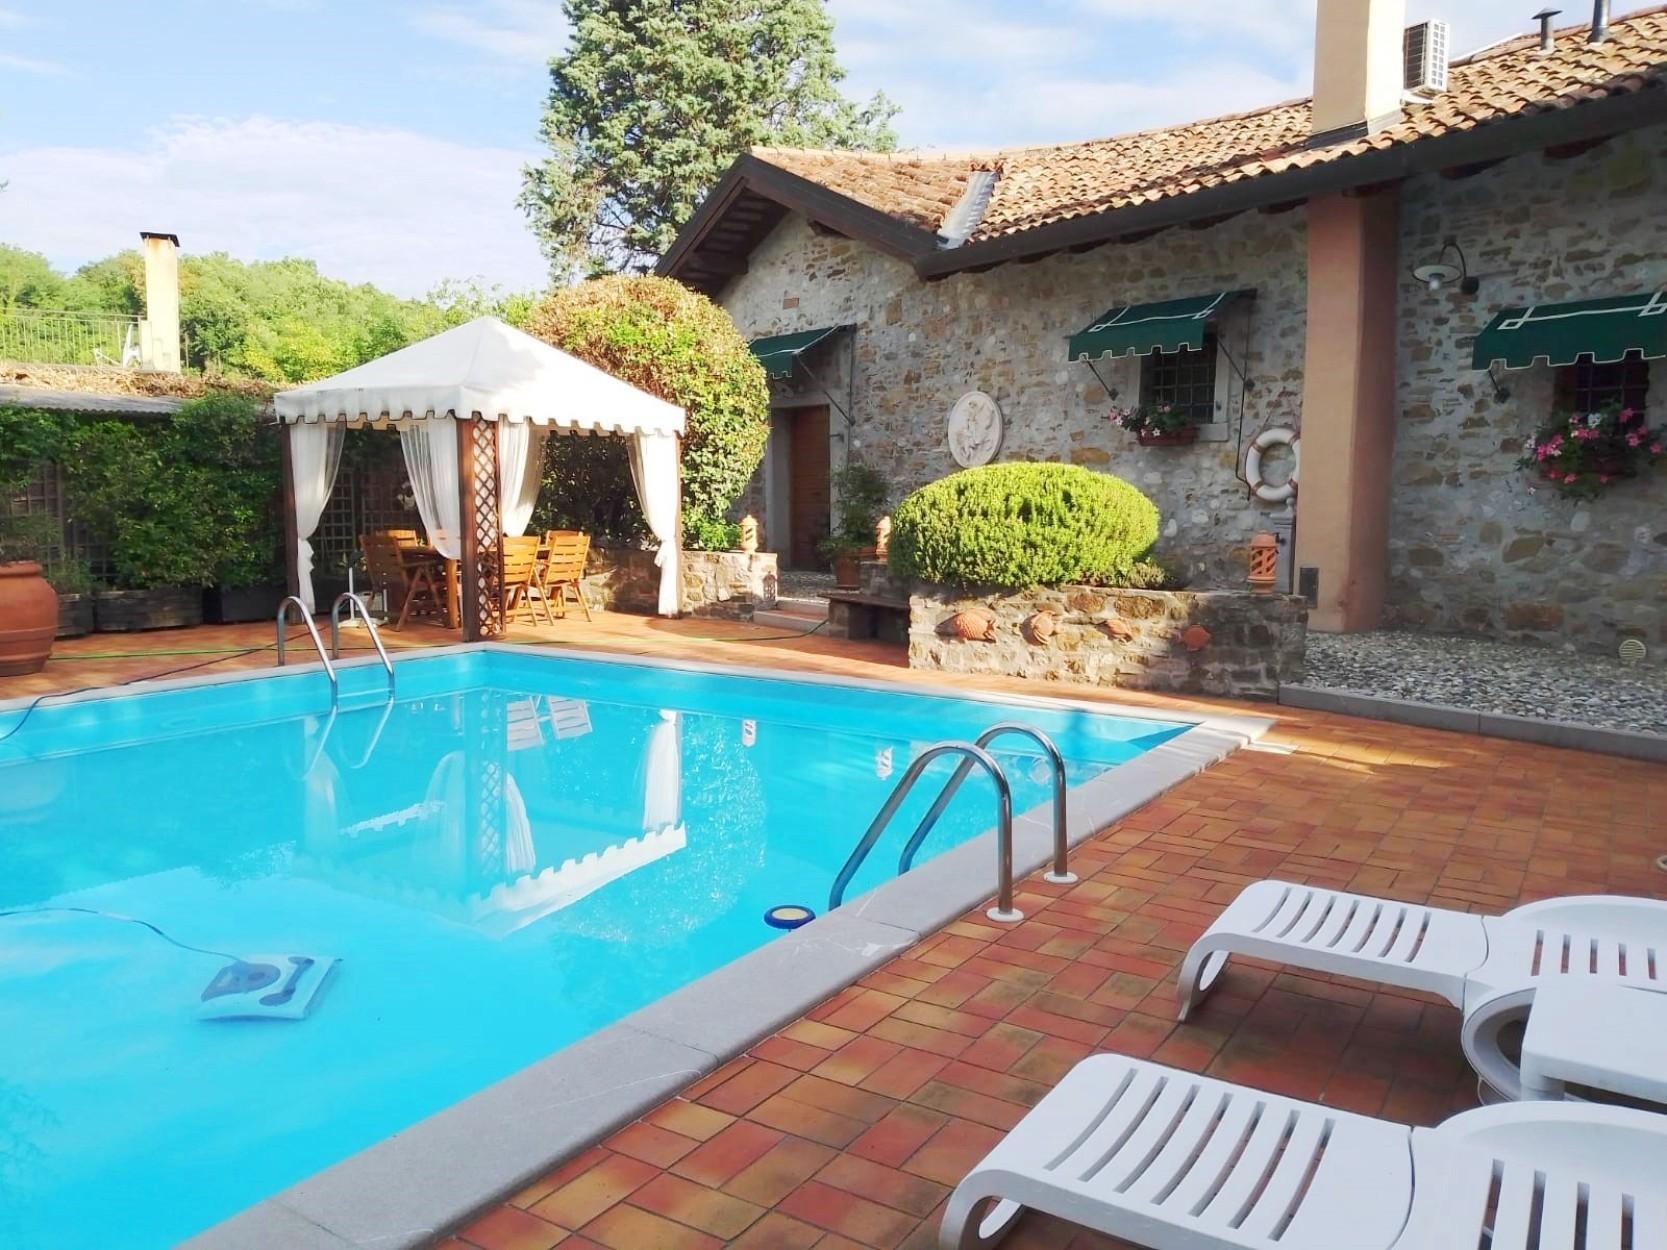 Herrschaftliches Domizil -Villa mit Dependance und traumhafter Innenhof-Parkanlage samt Swimmingpool